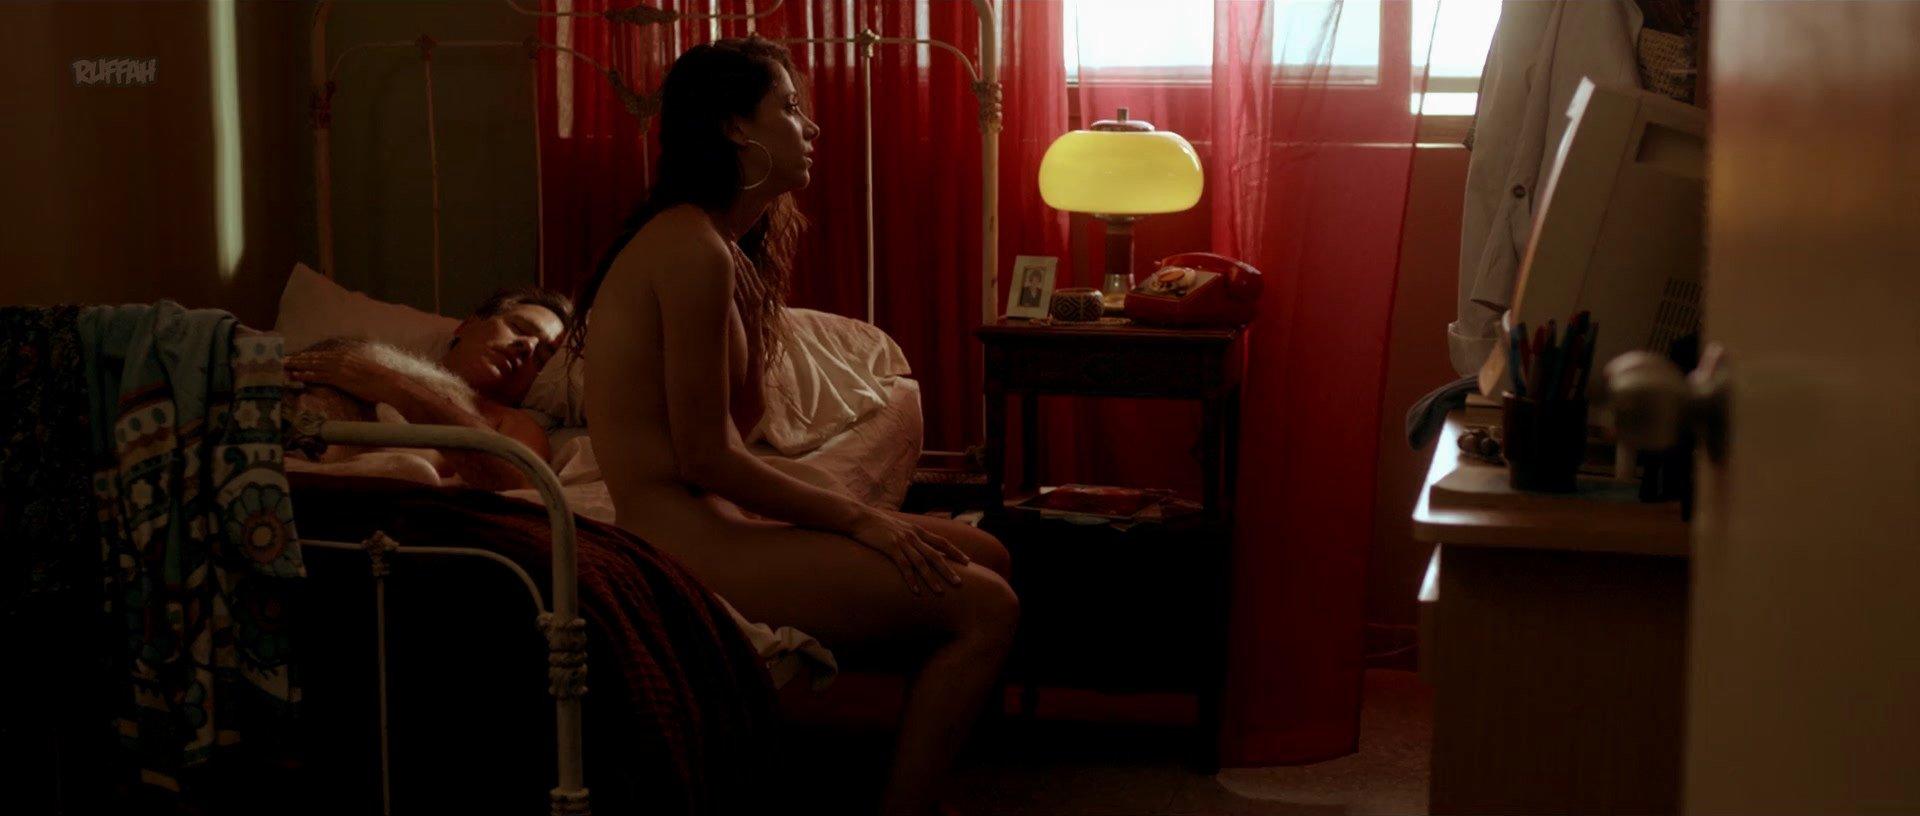 Mariam Hernandez nude - Cuatro Estaciones en La Habana s01e01 (2016)